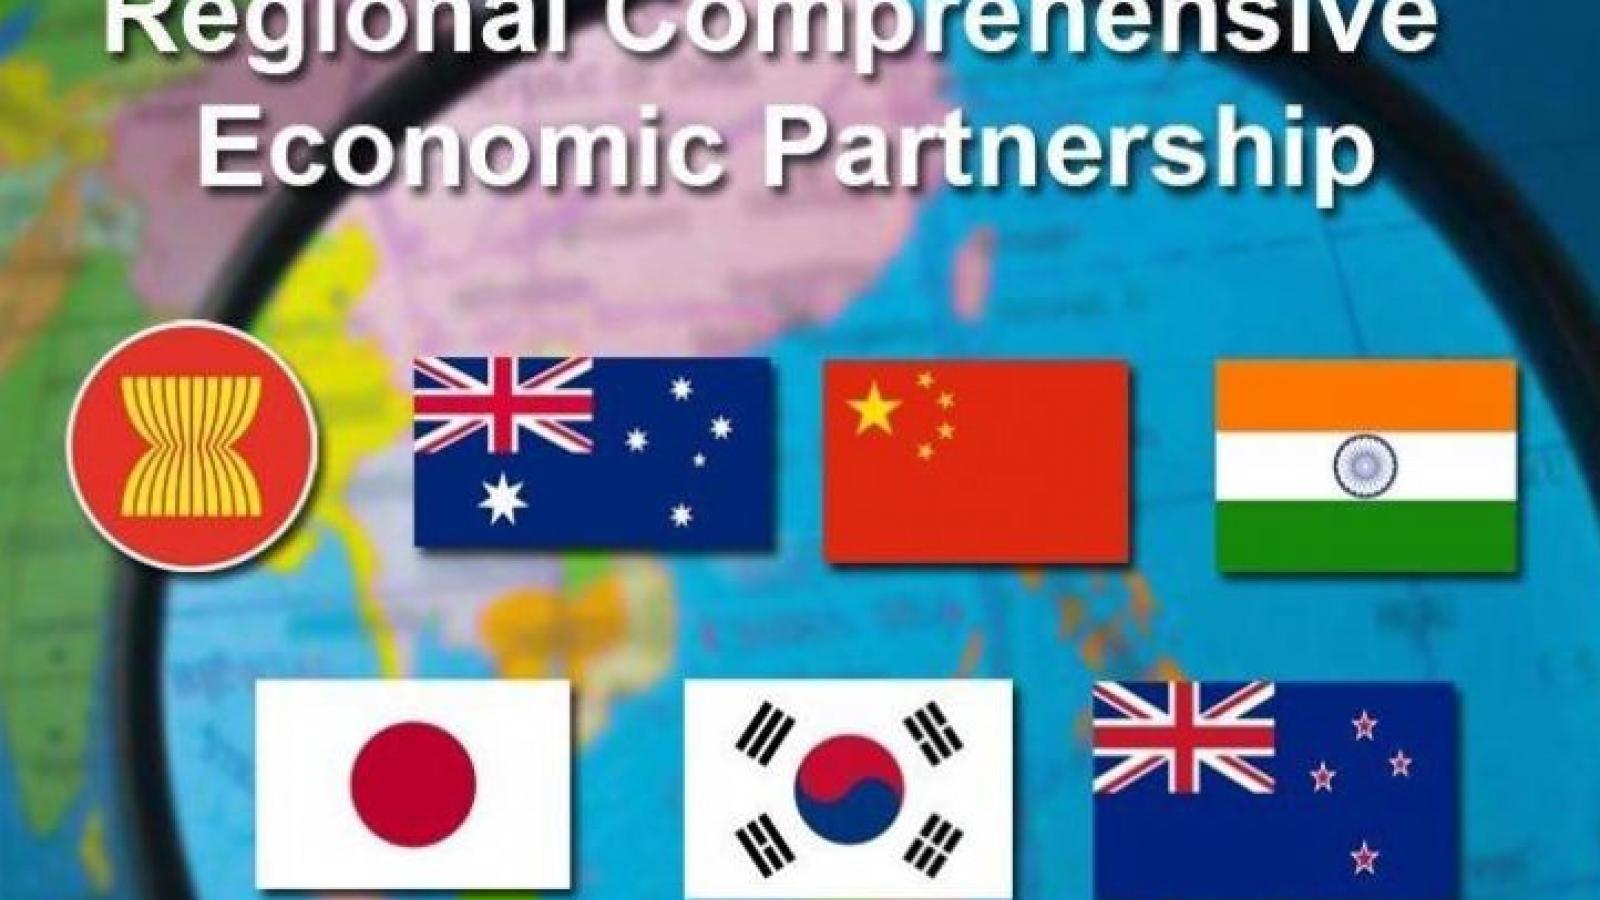 Đàm phán đã được hoàn tất, RCEP có thể được ký kết vào ngày 15/11